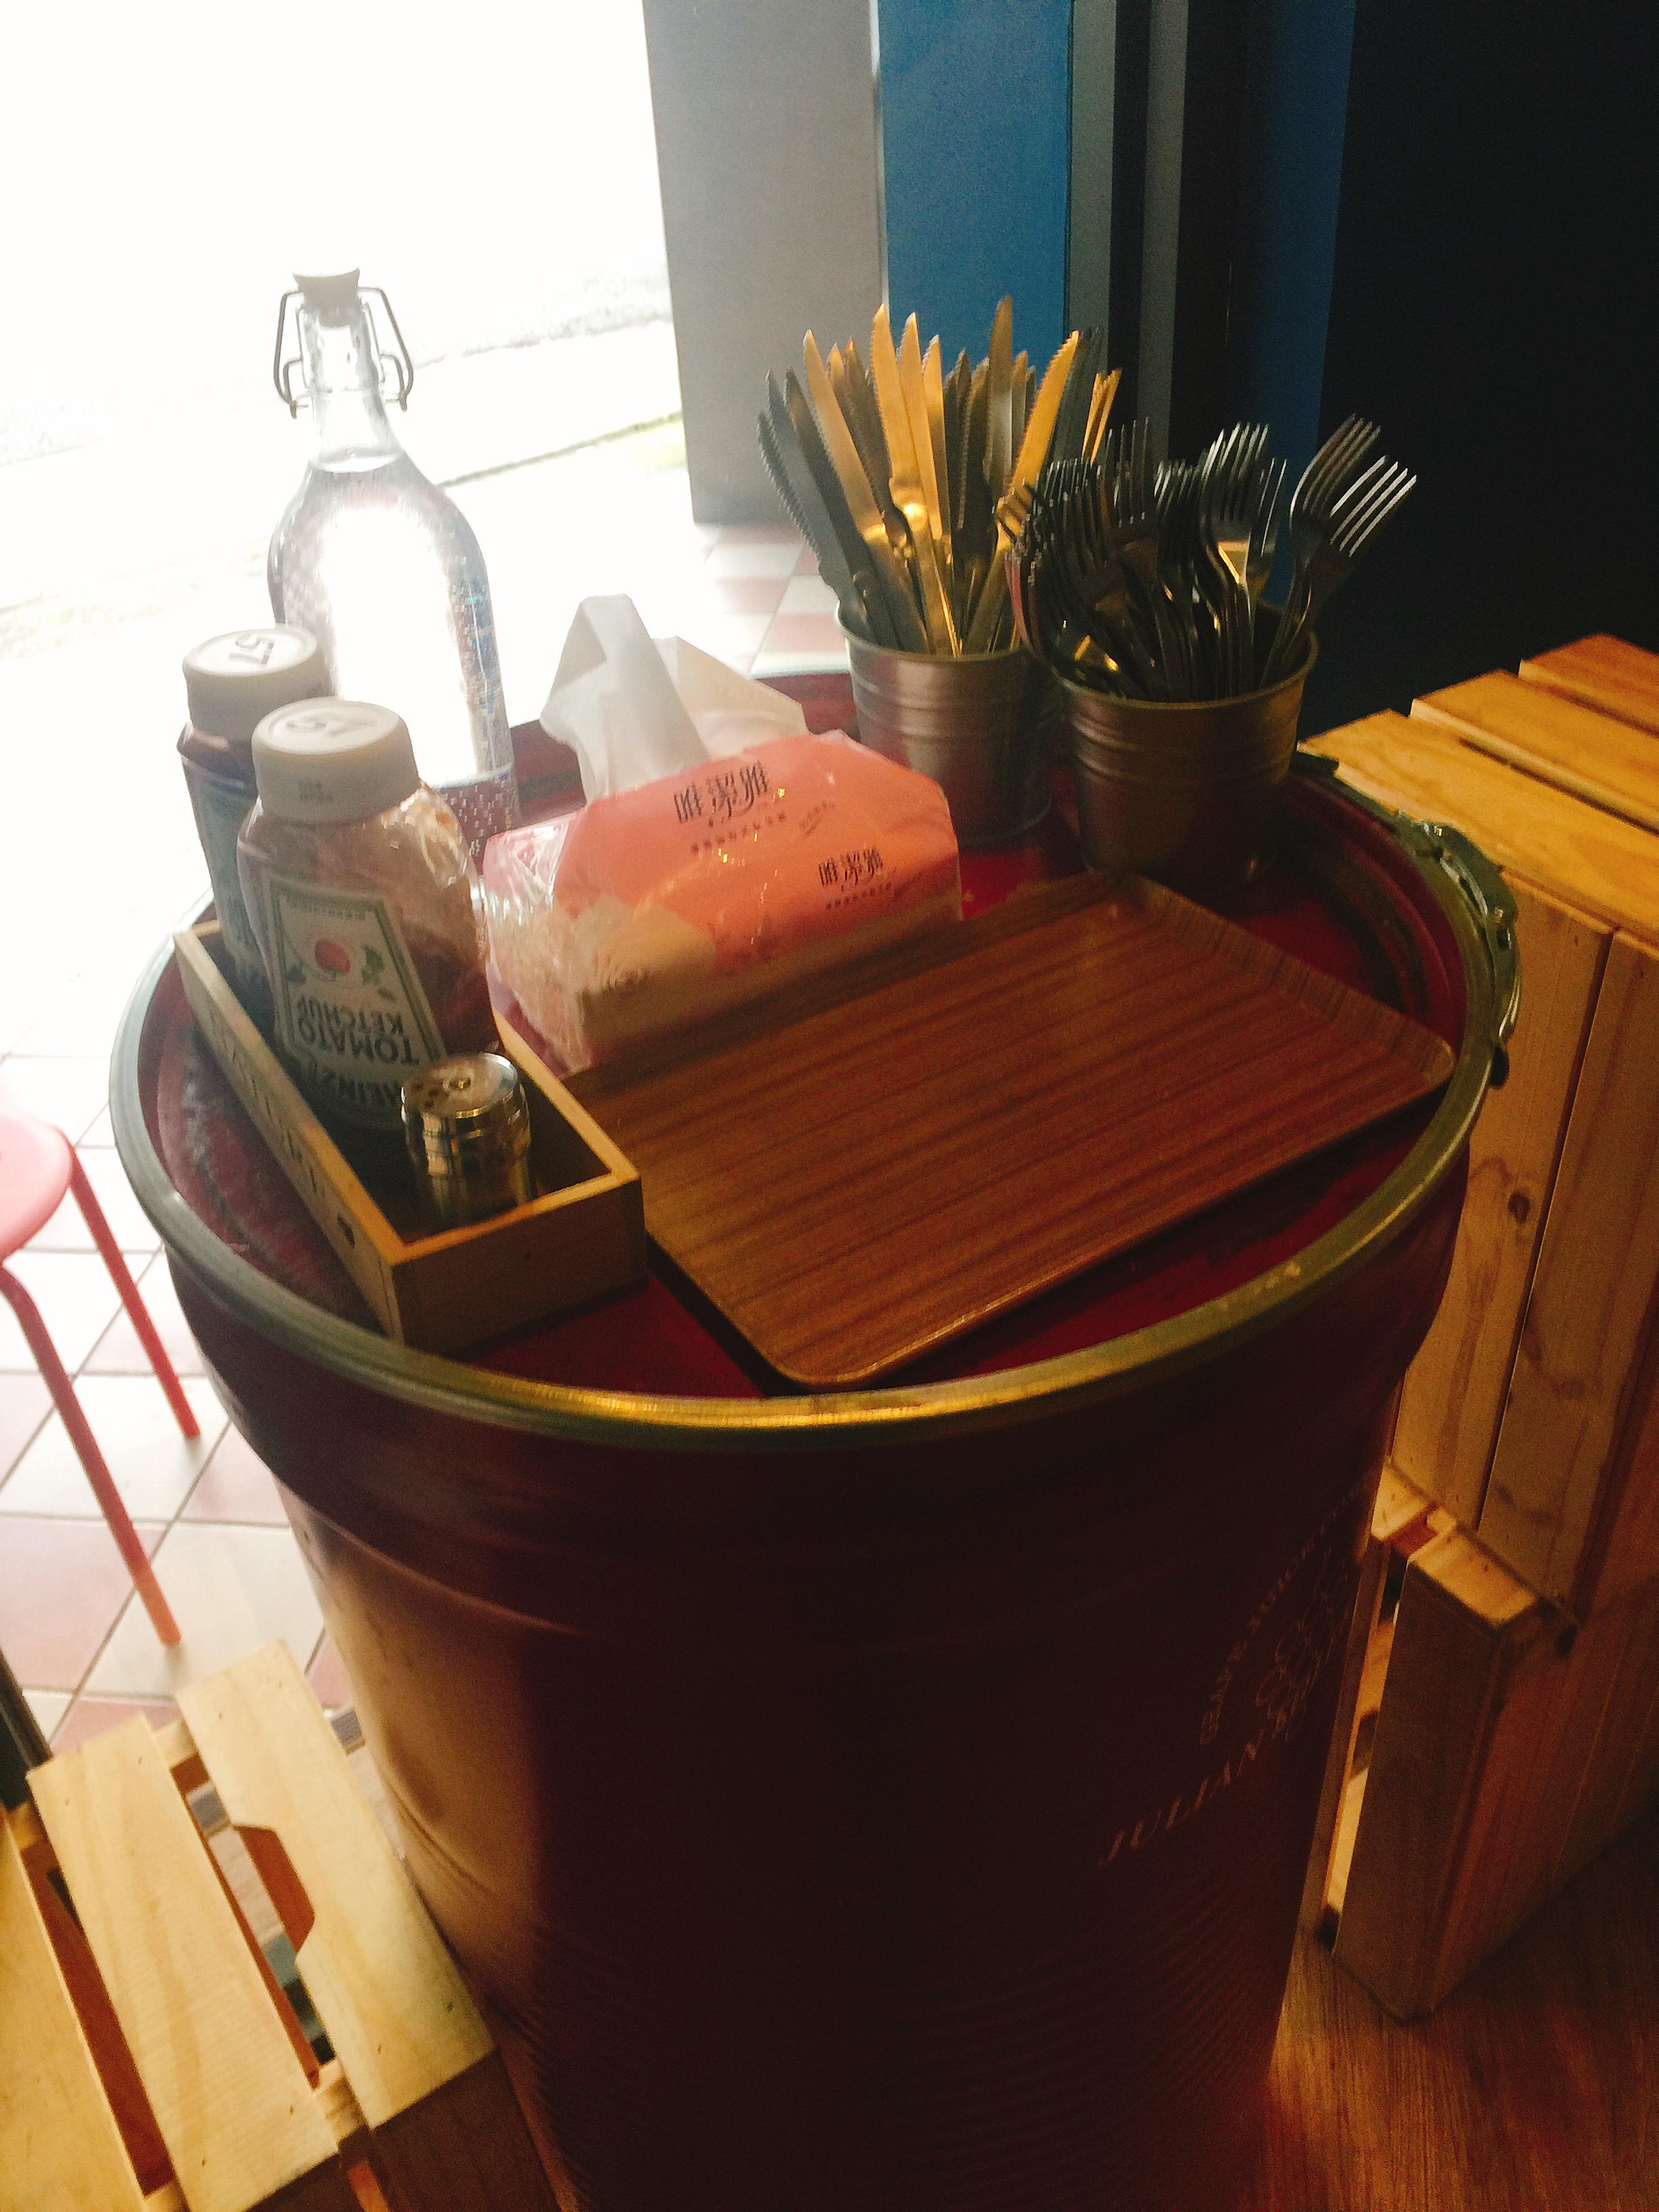 早午餐推薦 搞岡紅茶-斗六店 乳酪起司控口袋名單 @ 攝理 美食客&電影咖 :: 痞客邦